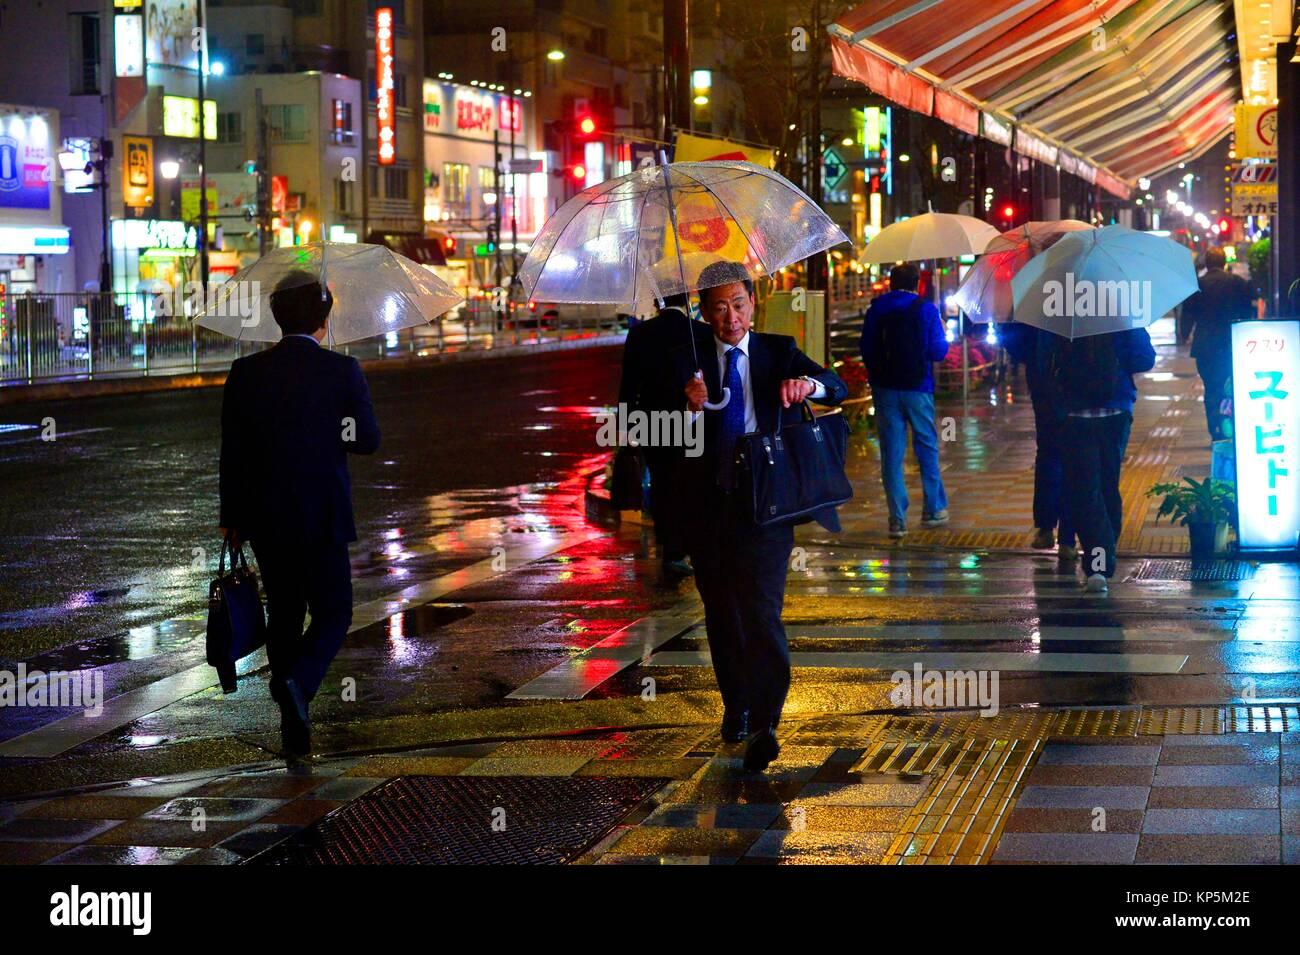 Ein STRRET von Asakusa bei Nacht einen regnerischen Tag, Tokio, Japan, Asien. Stockbild